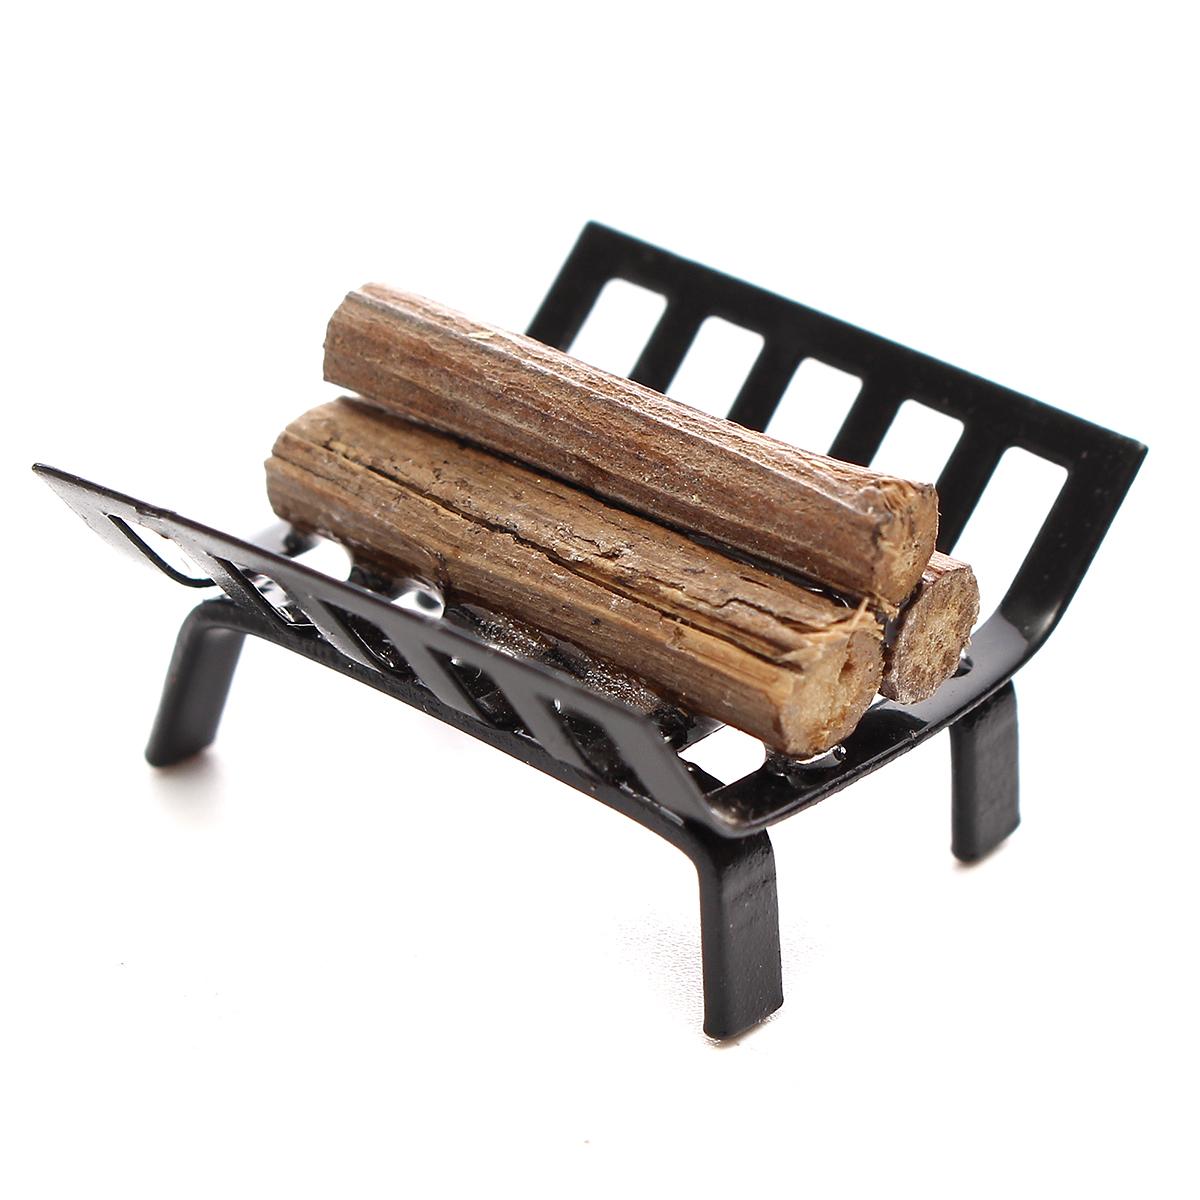 new firewood dollhouse miniature kitchen furniture